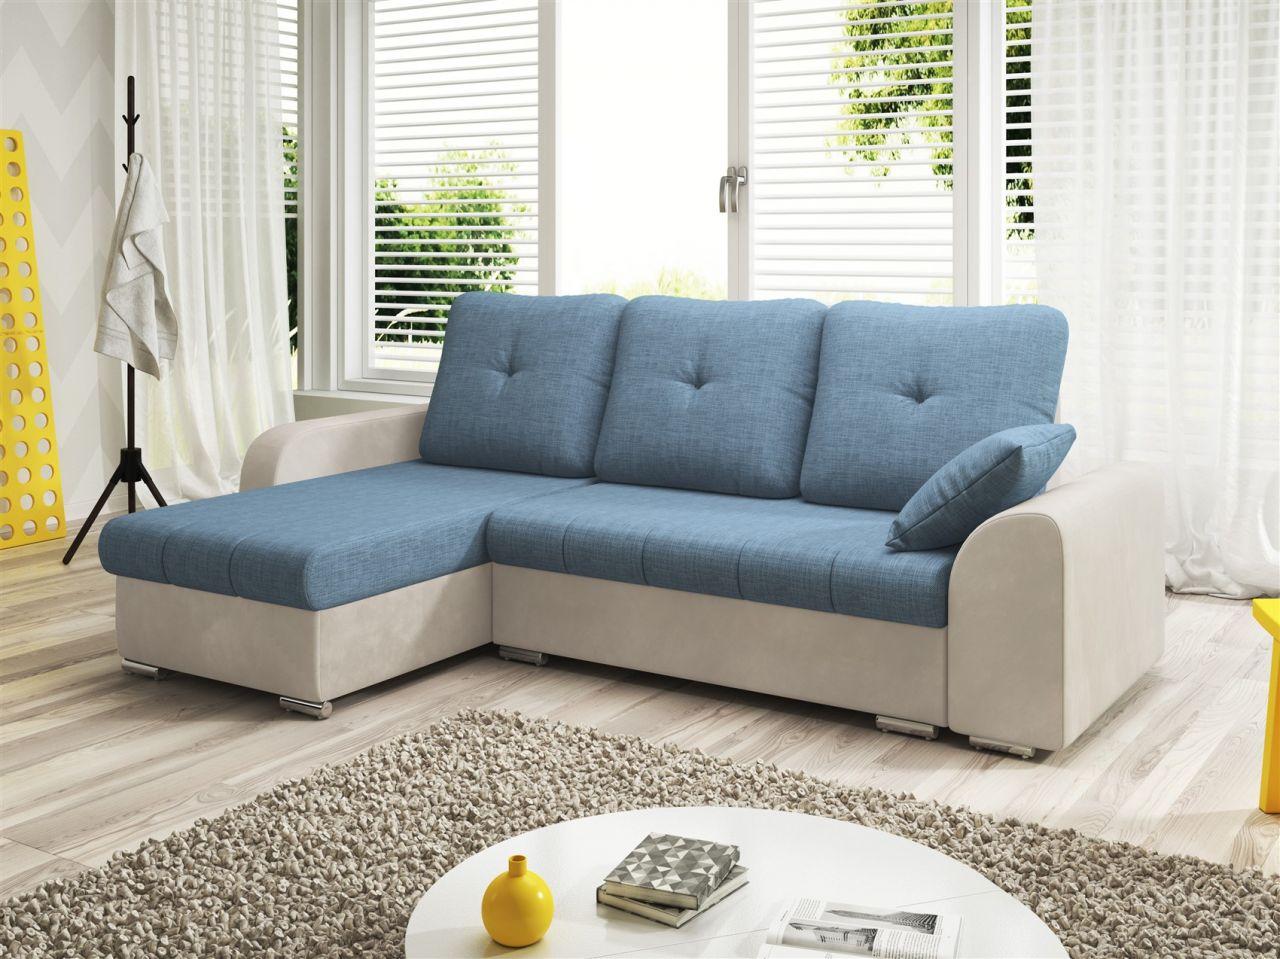 sofa mit ottomane und schlaffunktion majestic looking sofa mit ottomane und schlaffunktion. Black Bedroom Furniture Sets. Home Design Ideas